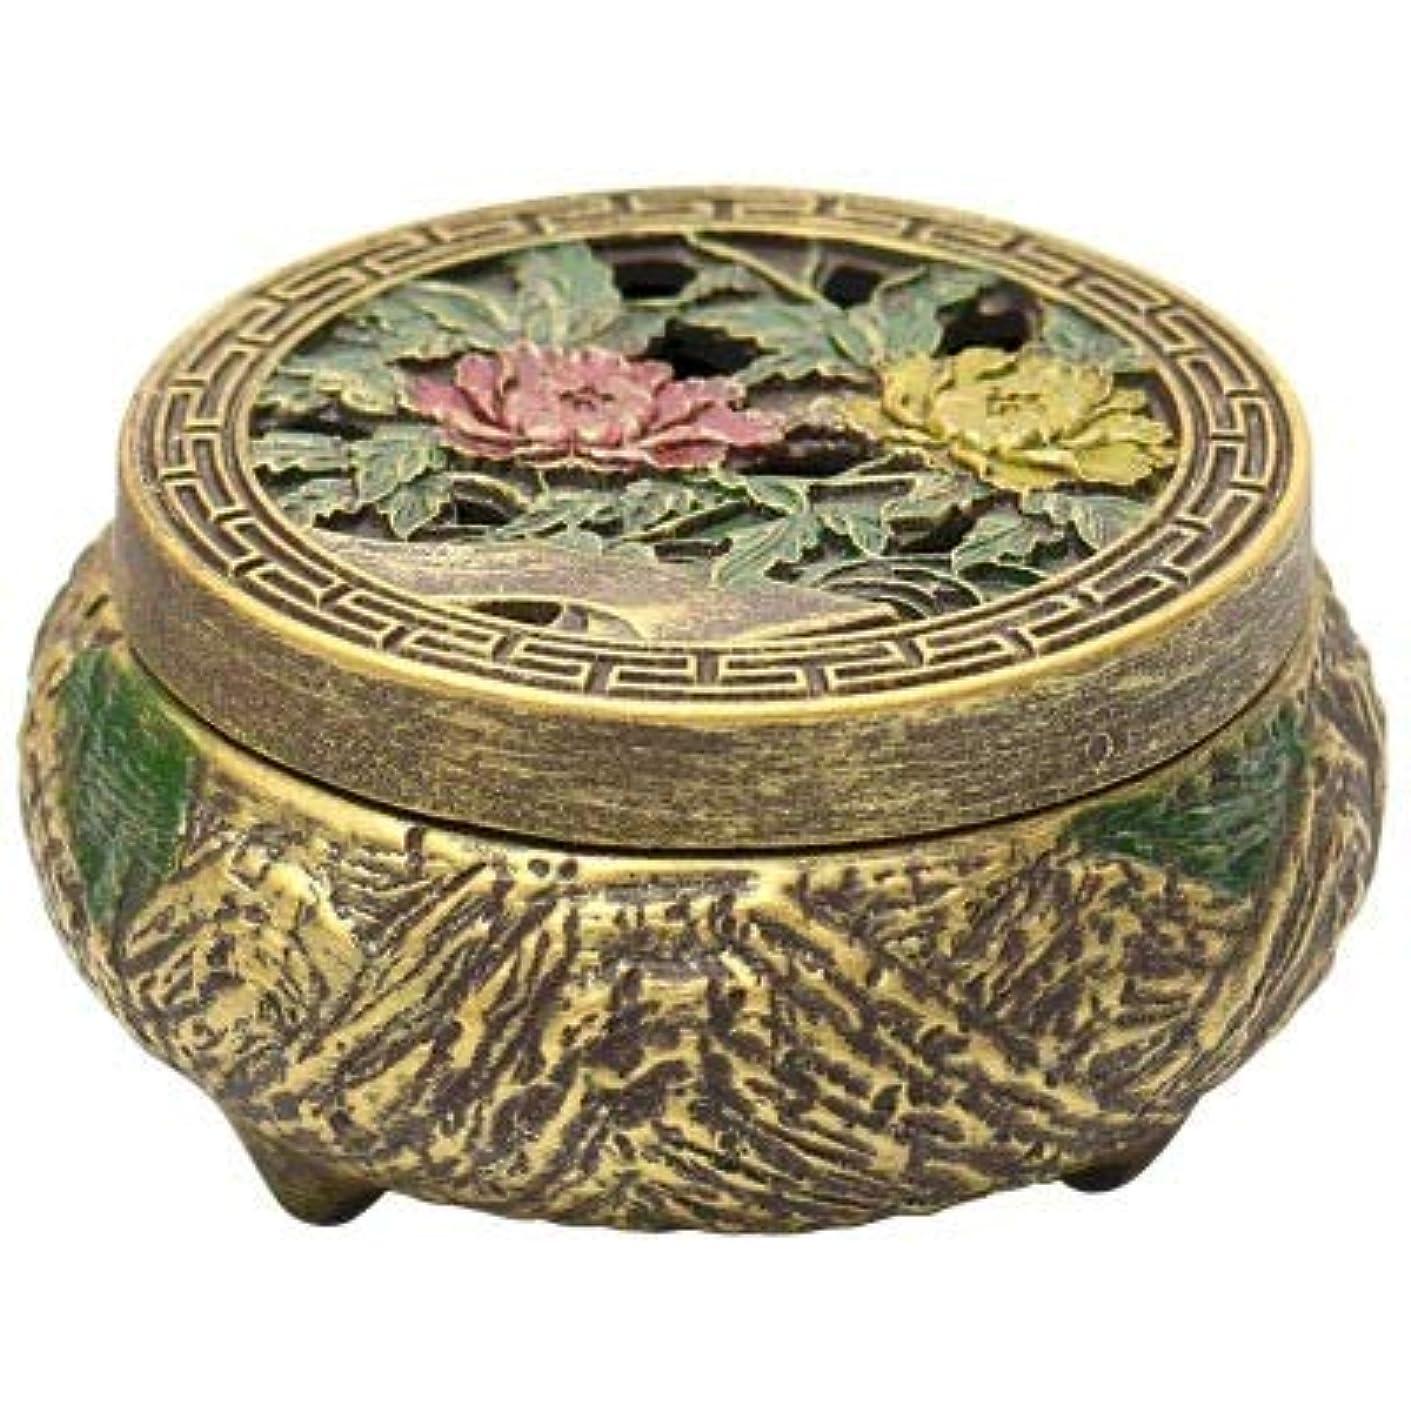 本素敵なチーフPHILOGOD 香炉 仏壇用線香立て エンボス加工印刷する 香置物 香皿 (Brown1)